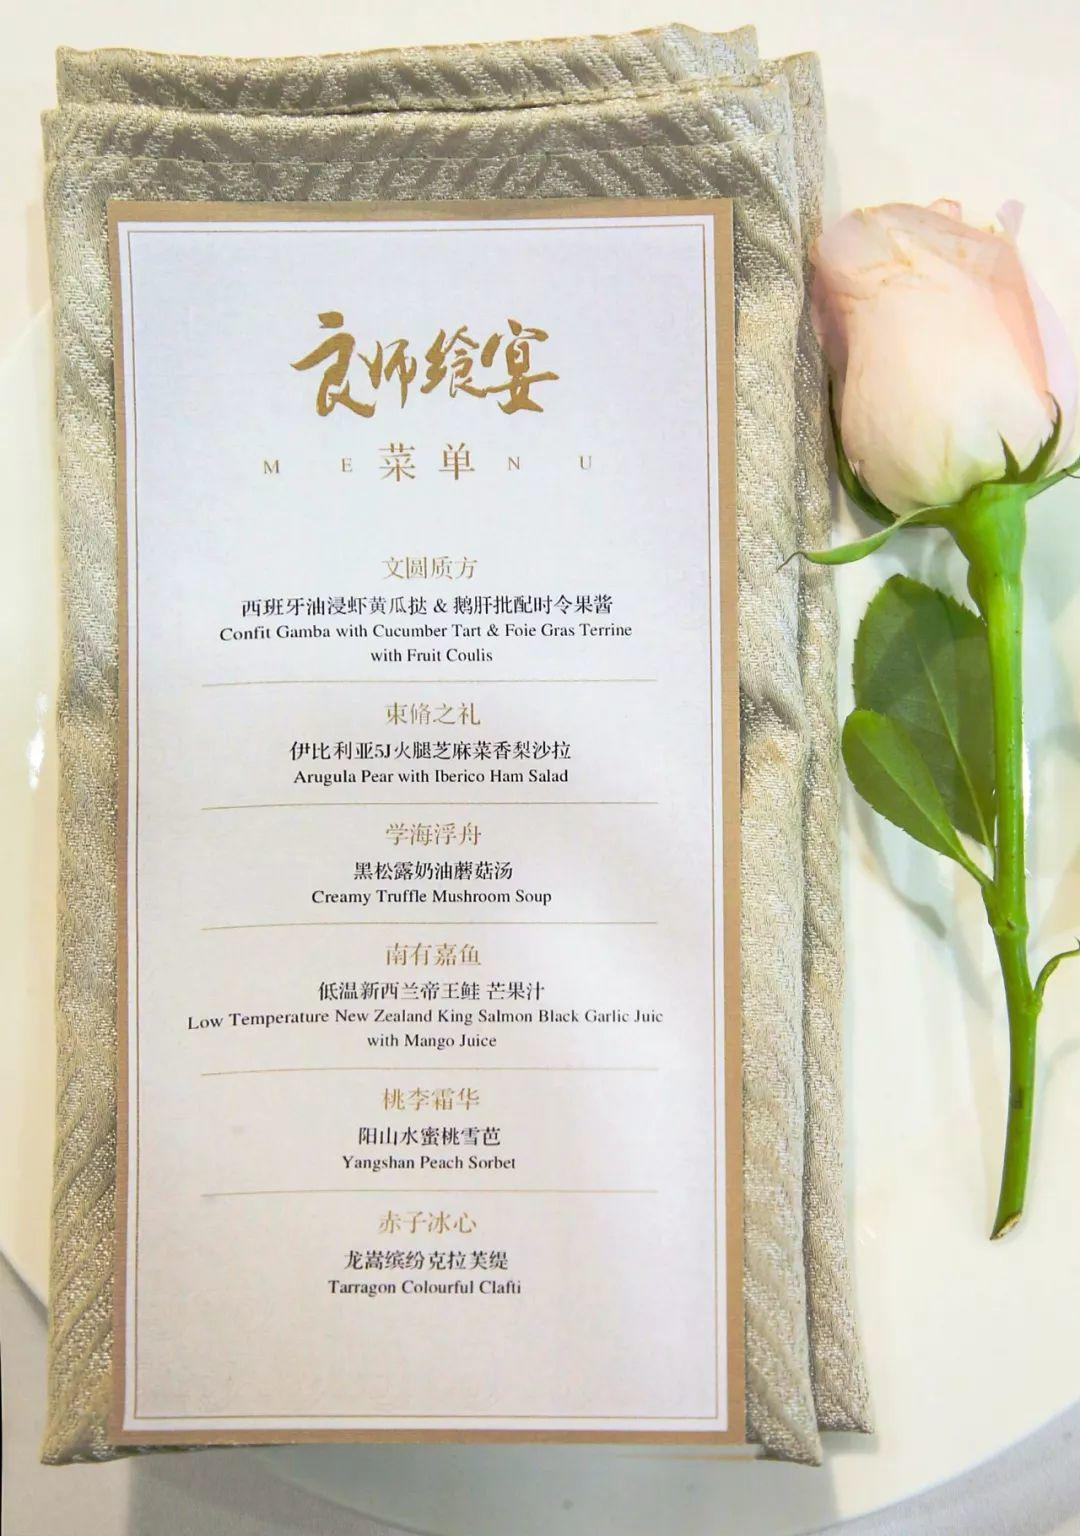 今天,网易有道开了北京第一家米其林三星餐厅!